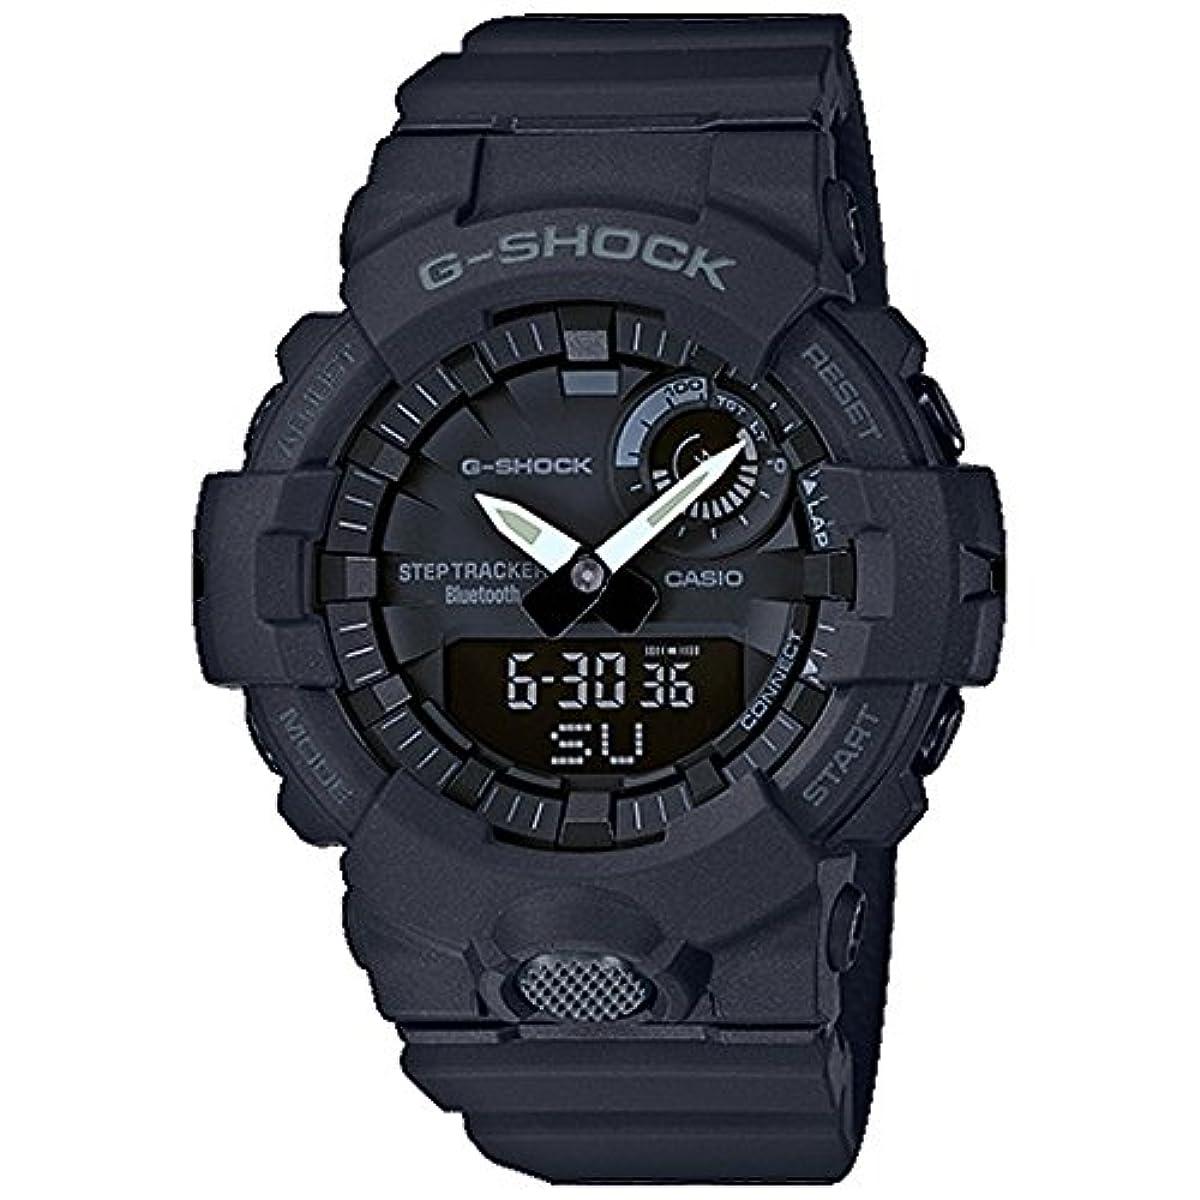 [해외] CASIO (카시오) 손목시계 G-SHOCK 지샥(지샥 G-SHOCK 지샥) 「G-SQUAD(G・스쿠왓도)」GBA-800-1A 맨즈 해외 모델 [ 병행수입품 ]